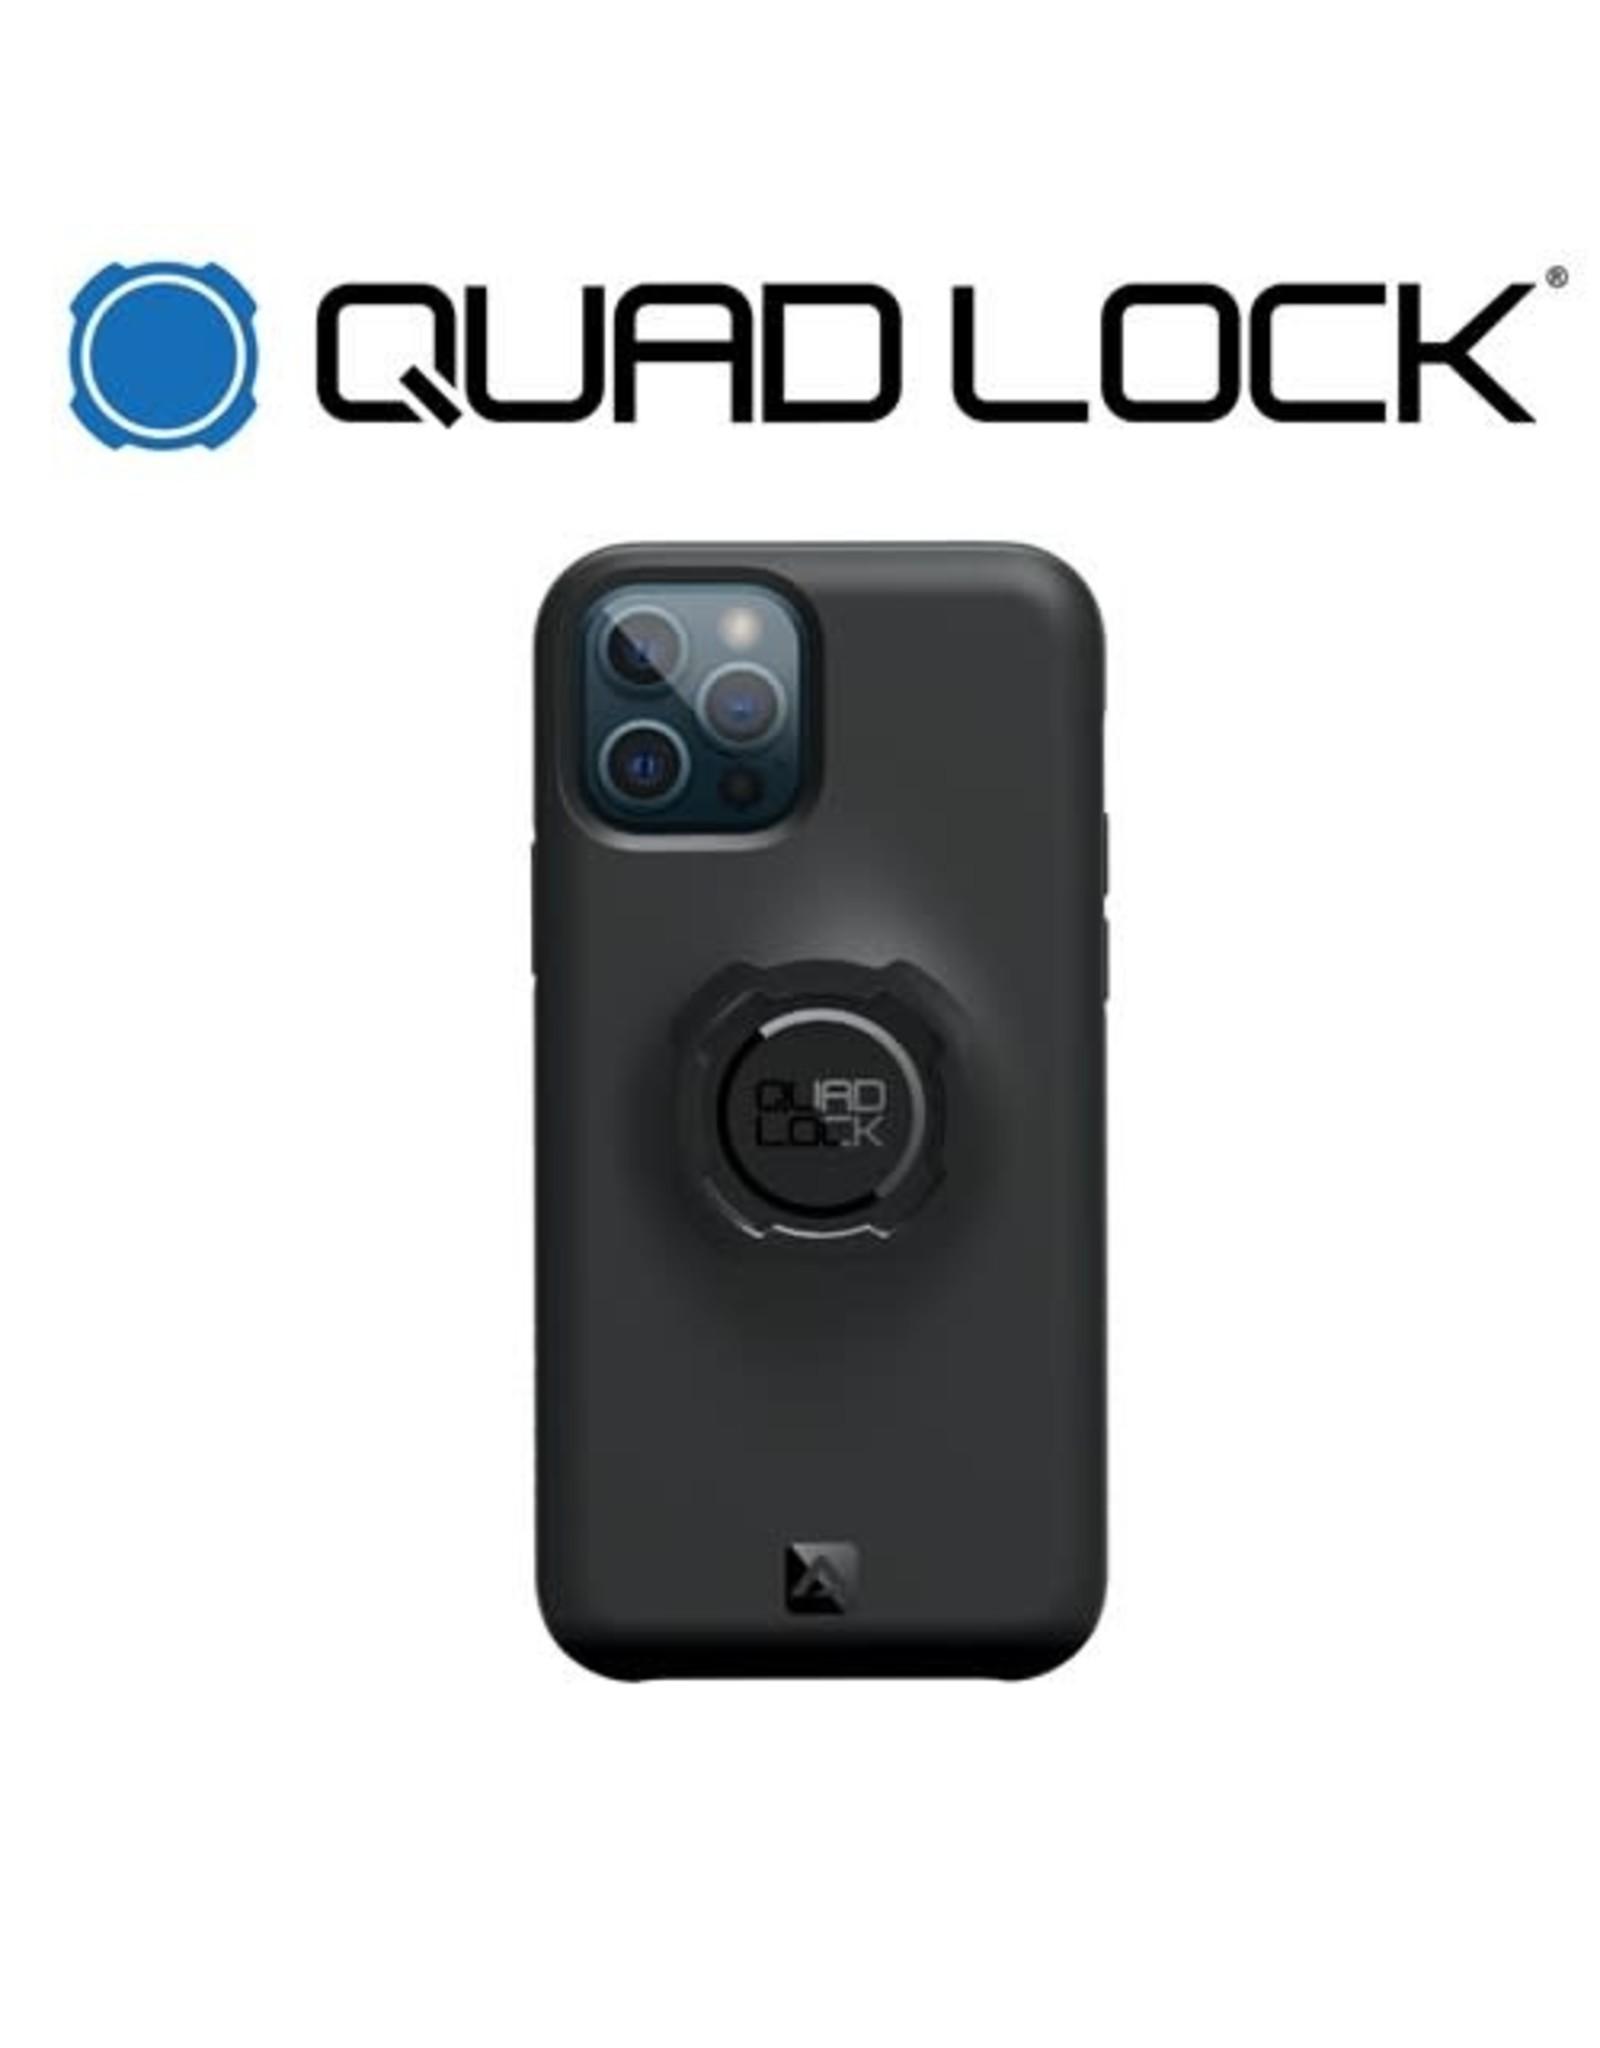 QUAD LOCK QUAD LOCK FOR iPHONE 12 & 12 PRO PHONE CASE